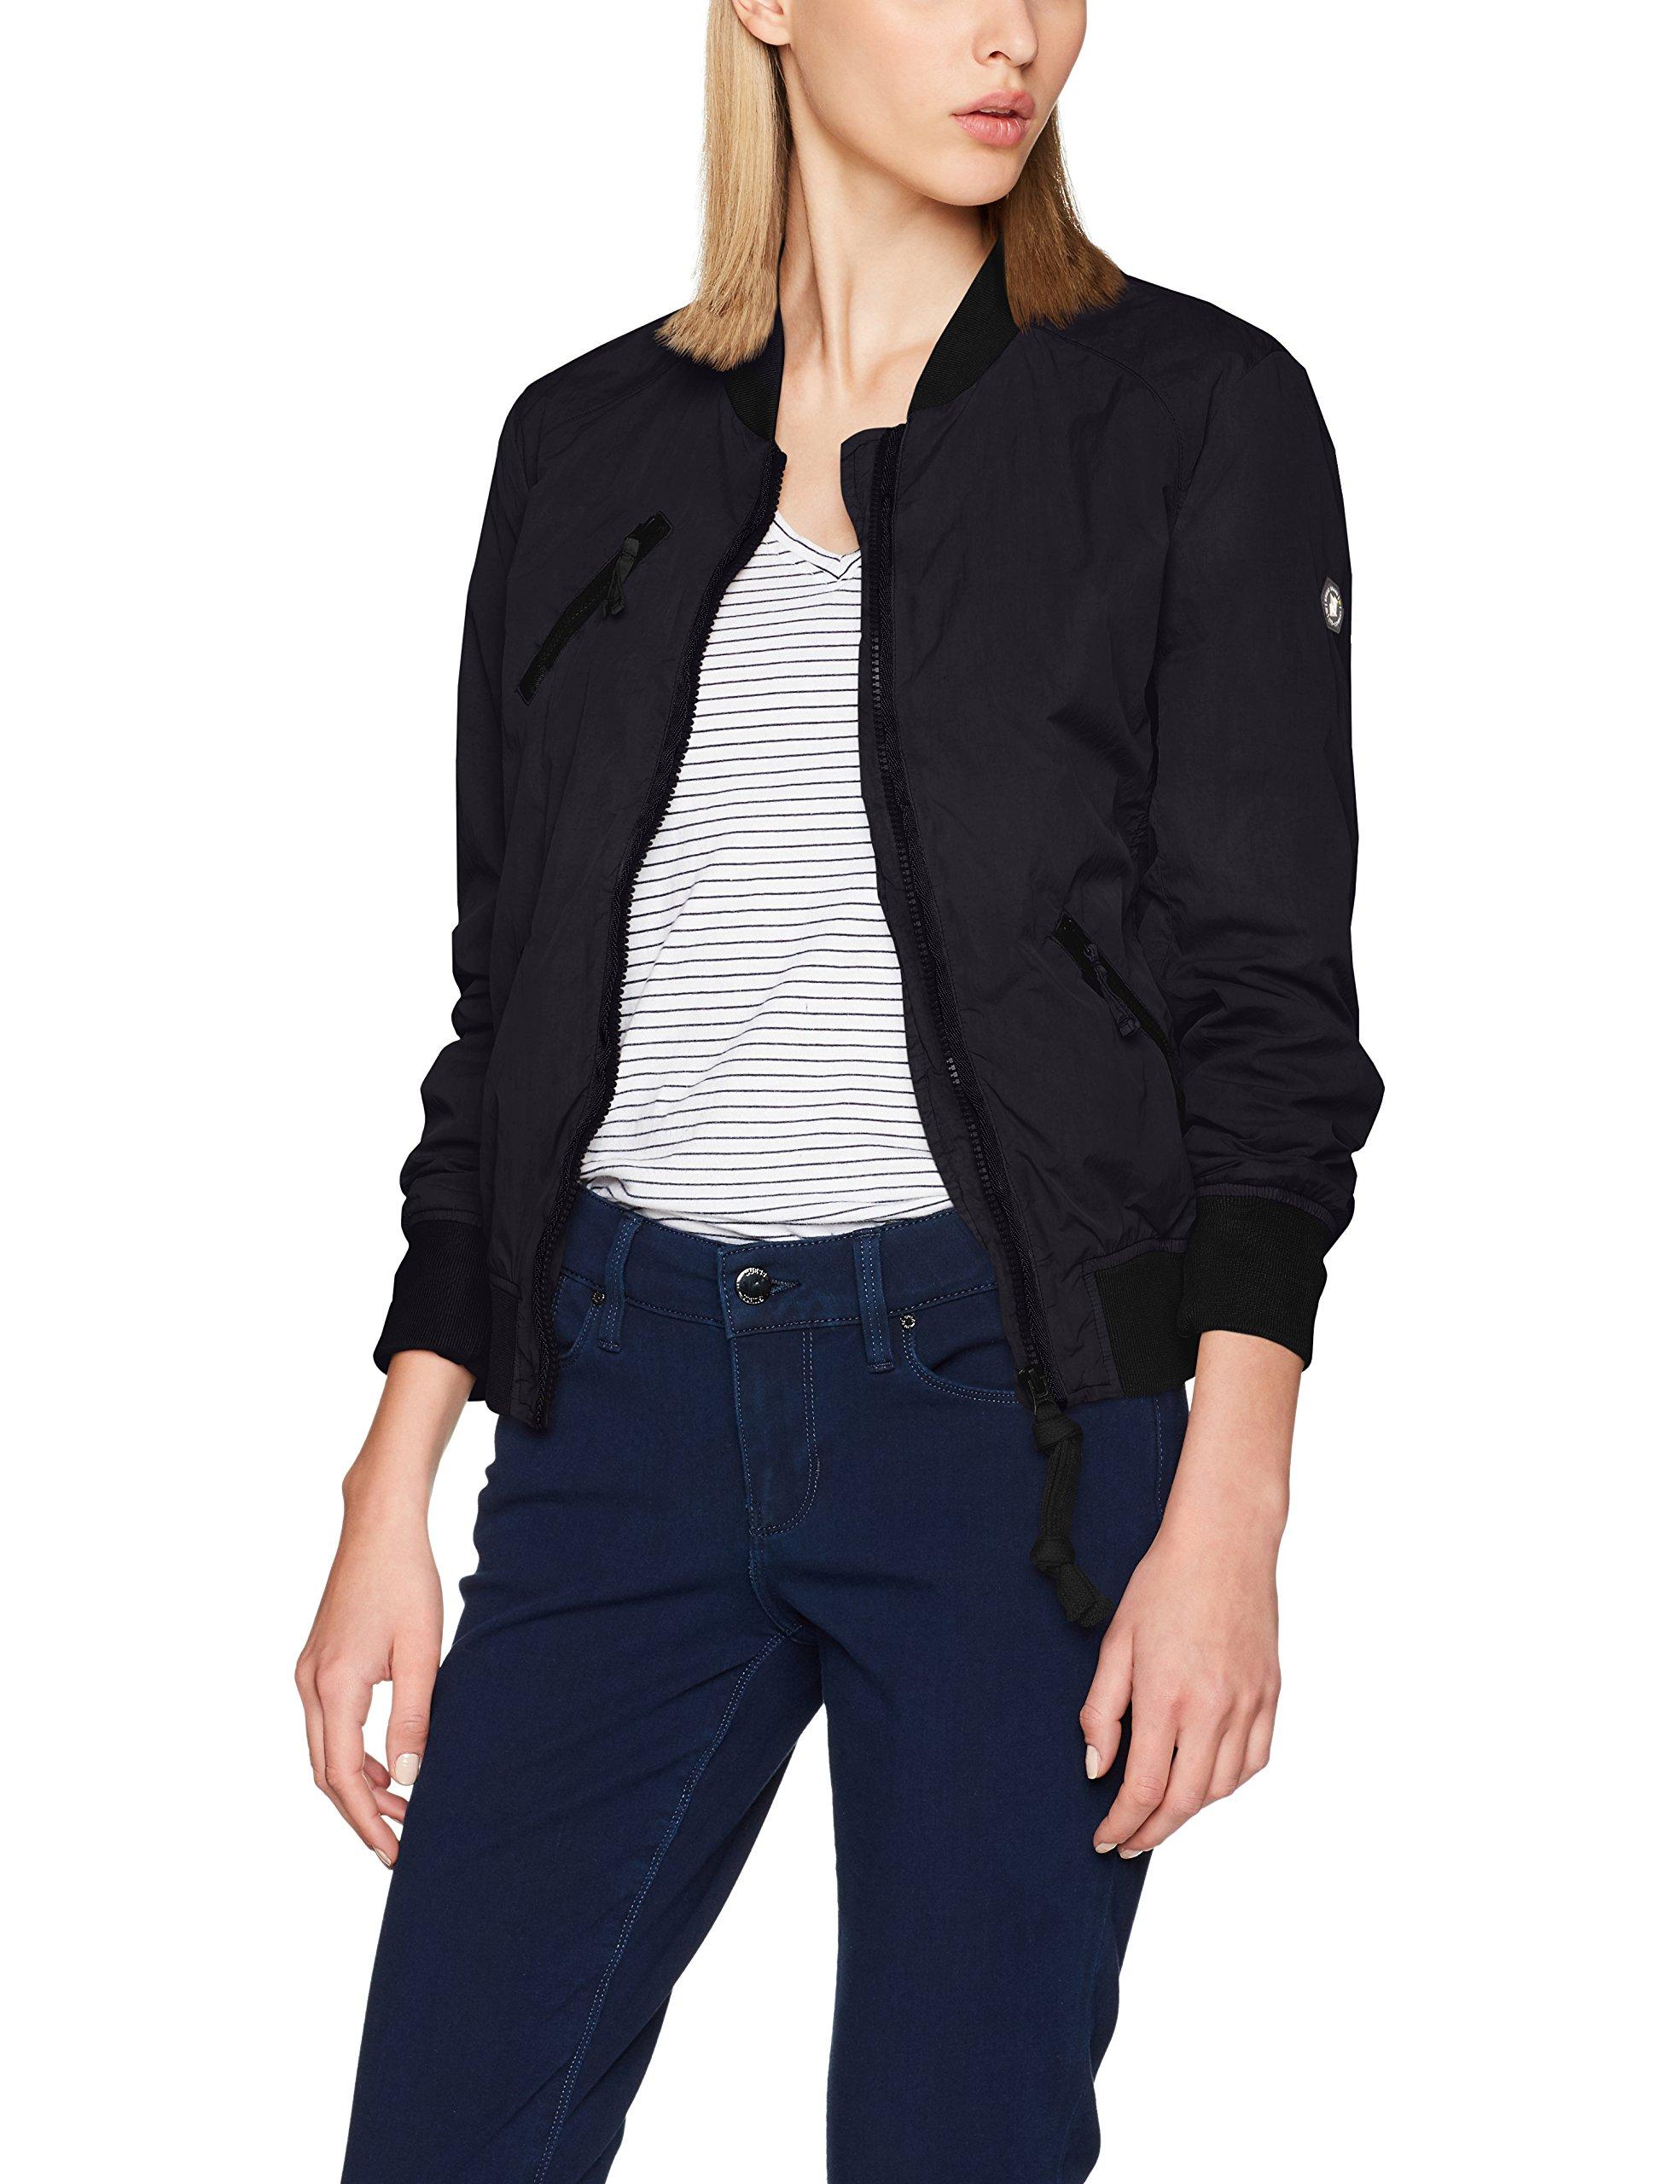 Teny Jacket Be142 BlousonNoirblack Femme Light Khujo N8nZwPX0Ok